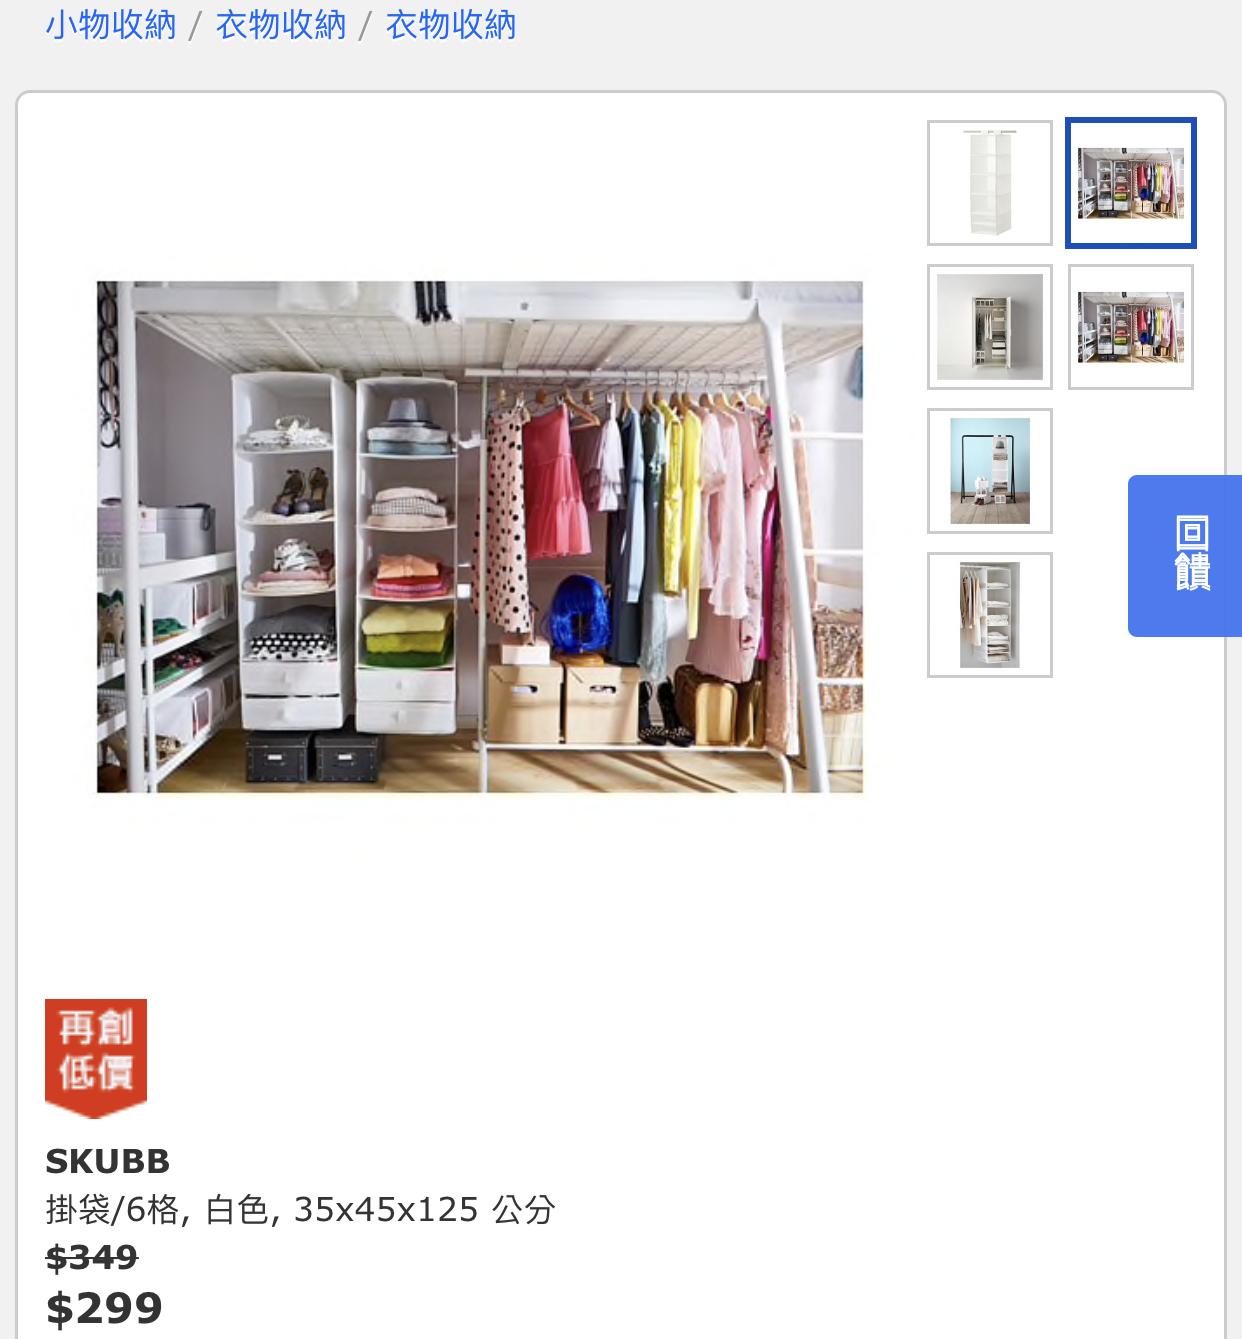 [心得] IKEA好物:收納盒,蝦皮特惠商品,蝦皮特惠商品,衣物鞋子收納盒兼具實用性及設計風格,溼度計 feat.IKEA地雷床墊與櫃子